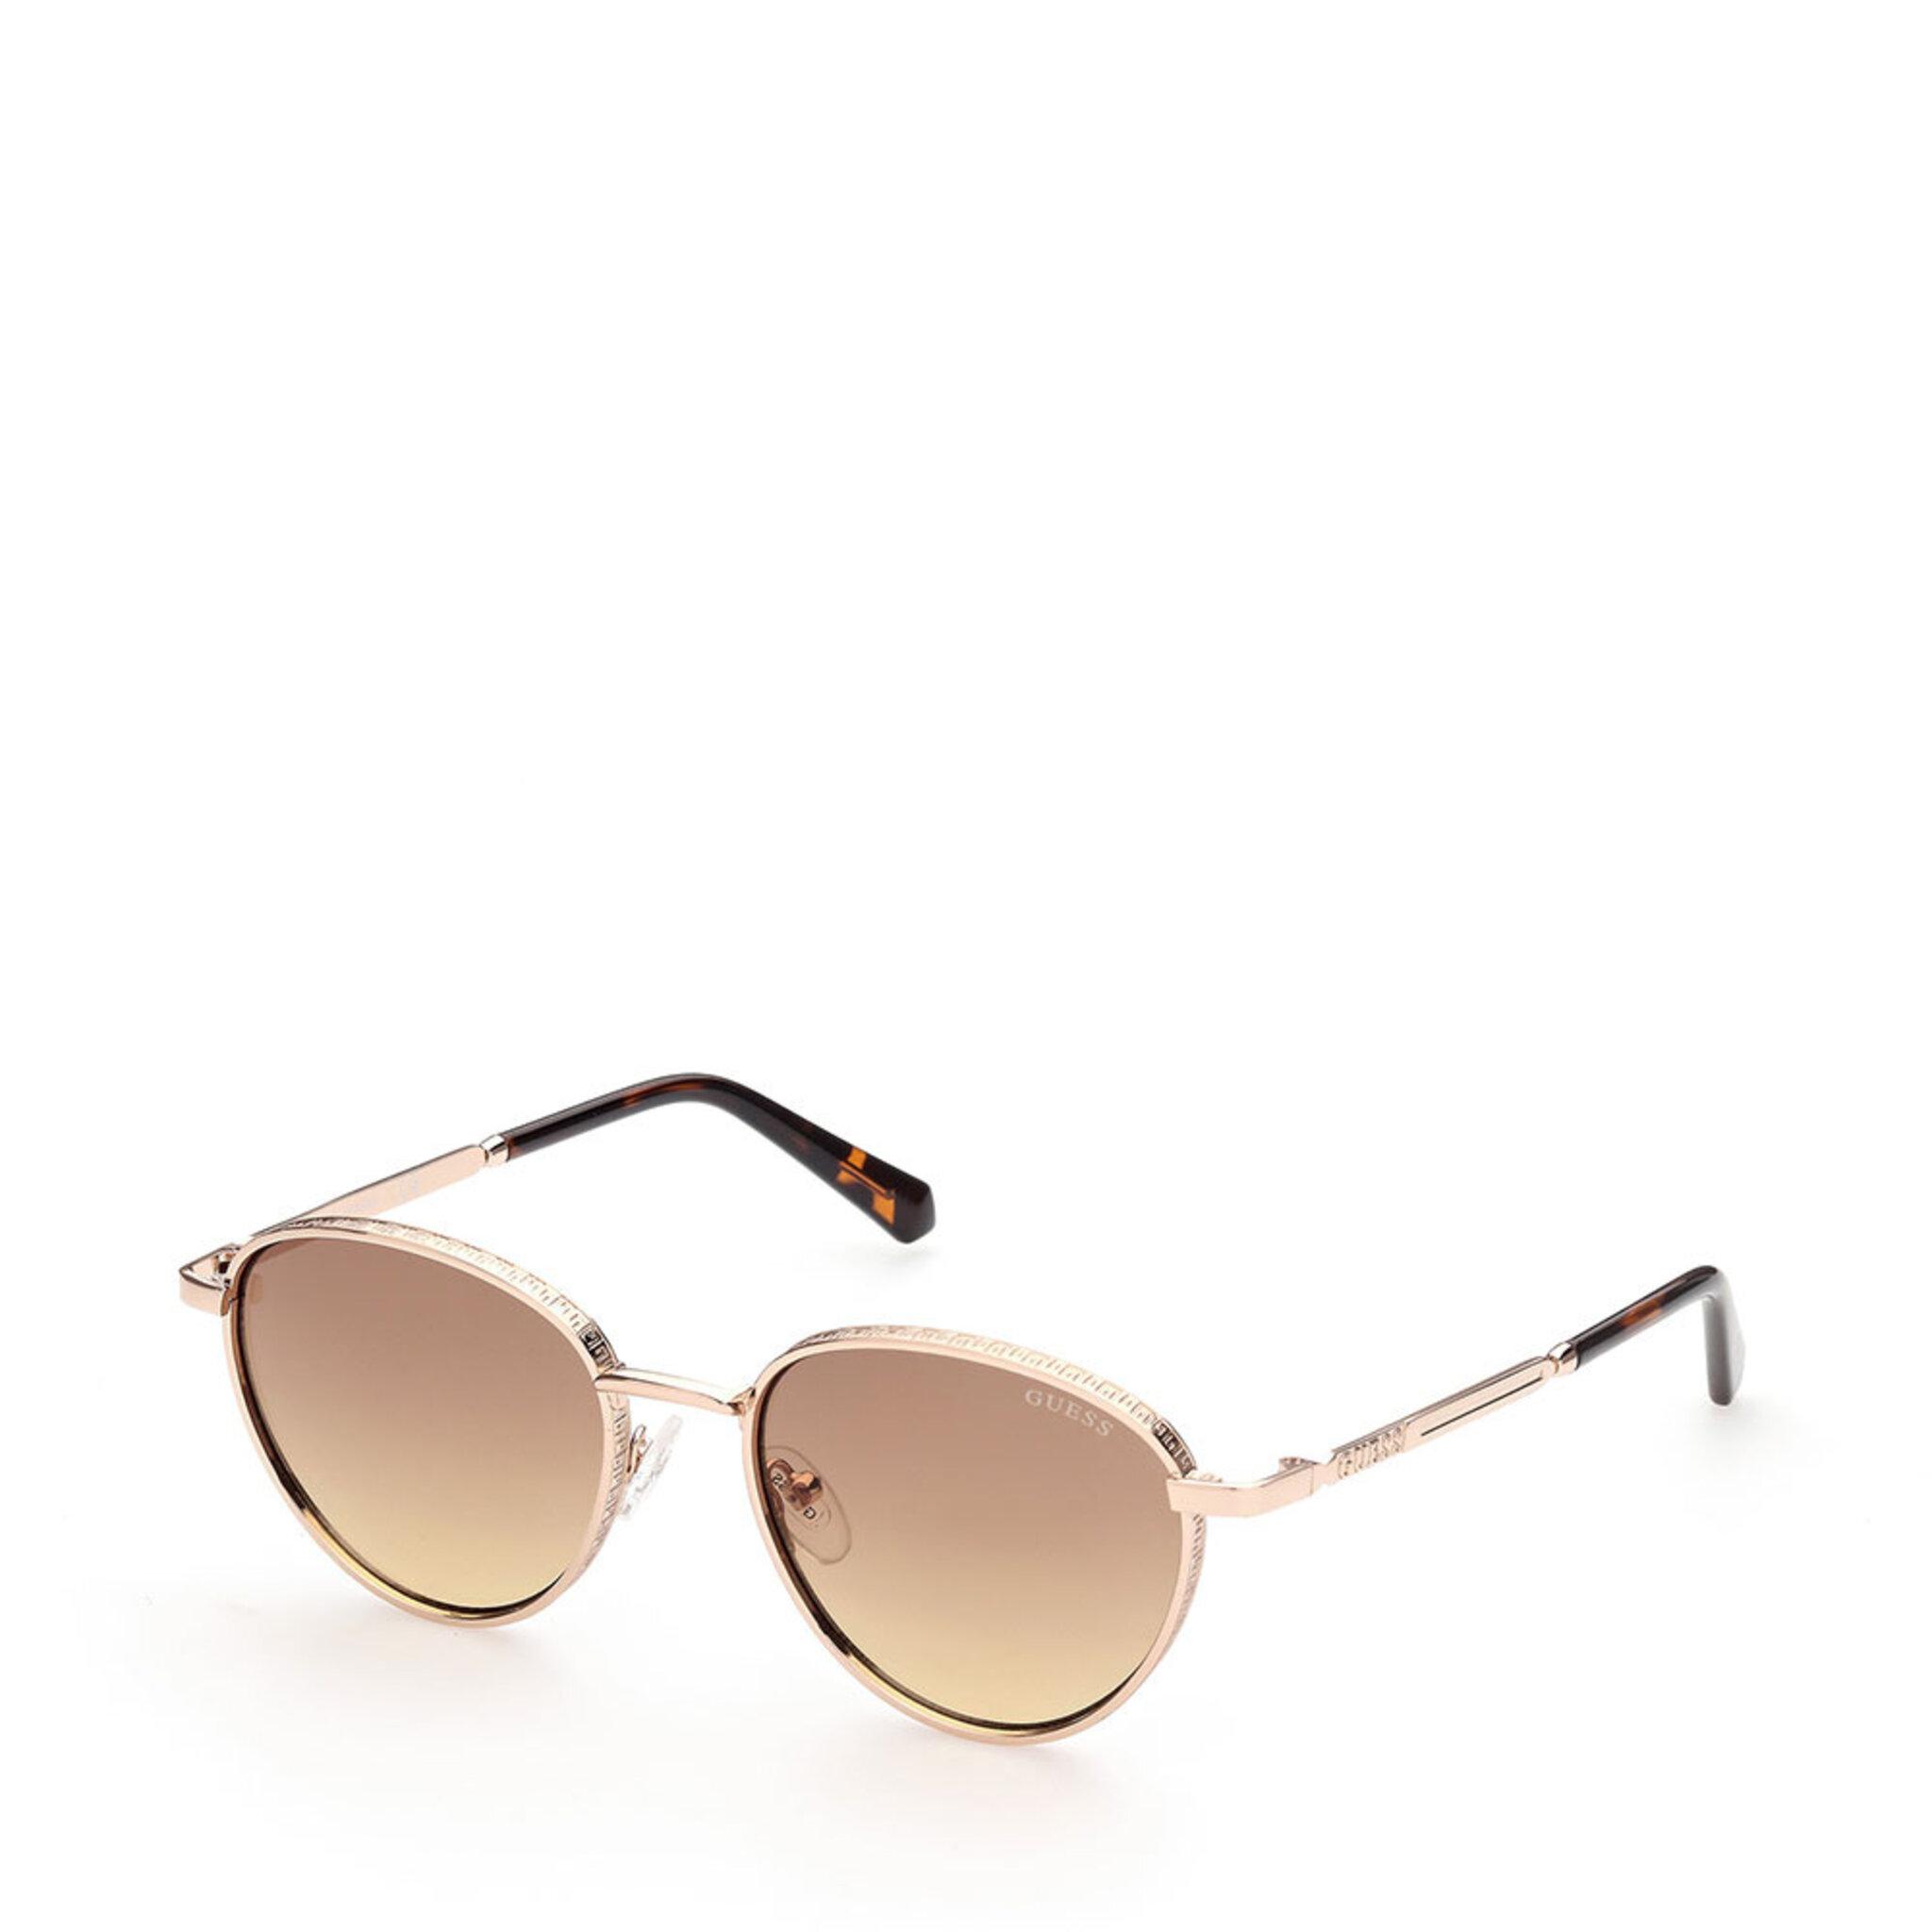 Sunglasses GU5205